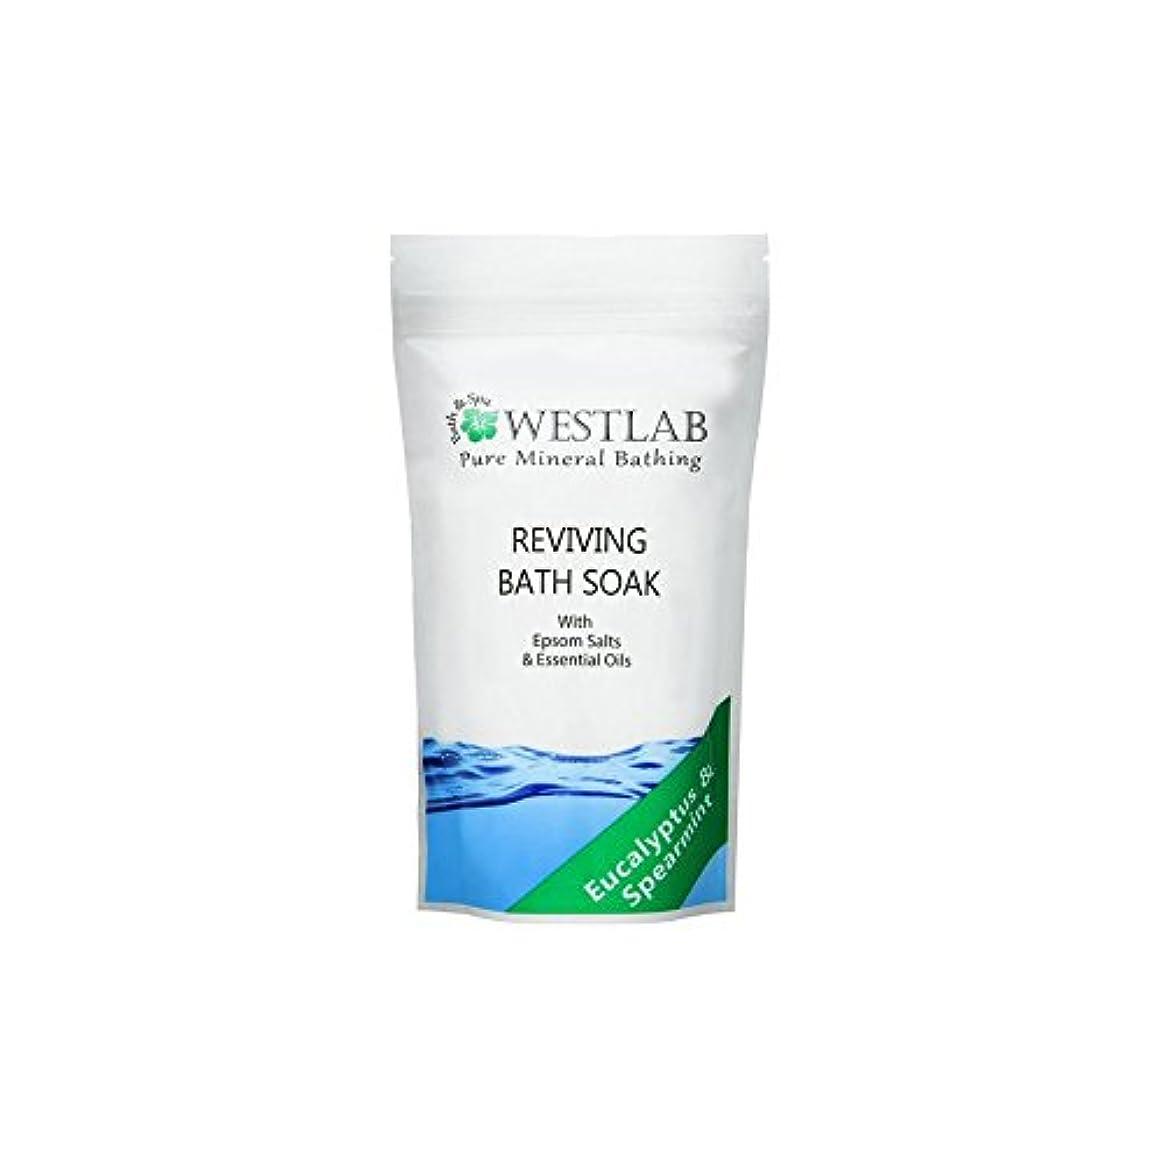 ほうきトライアスロン不道徳Westlab Revive Epsom Salt Bath Soak (500g) (Pack of 6) - (500グラム)をソークエプソム塩浴を復活させます x6 [並行輸入品]